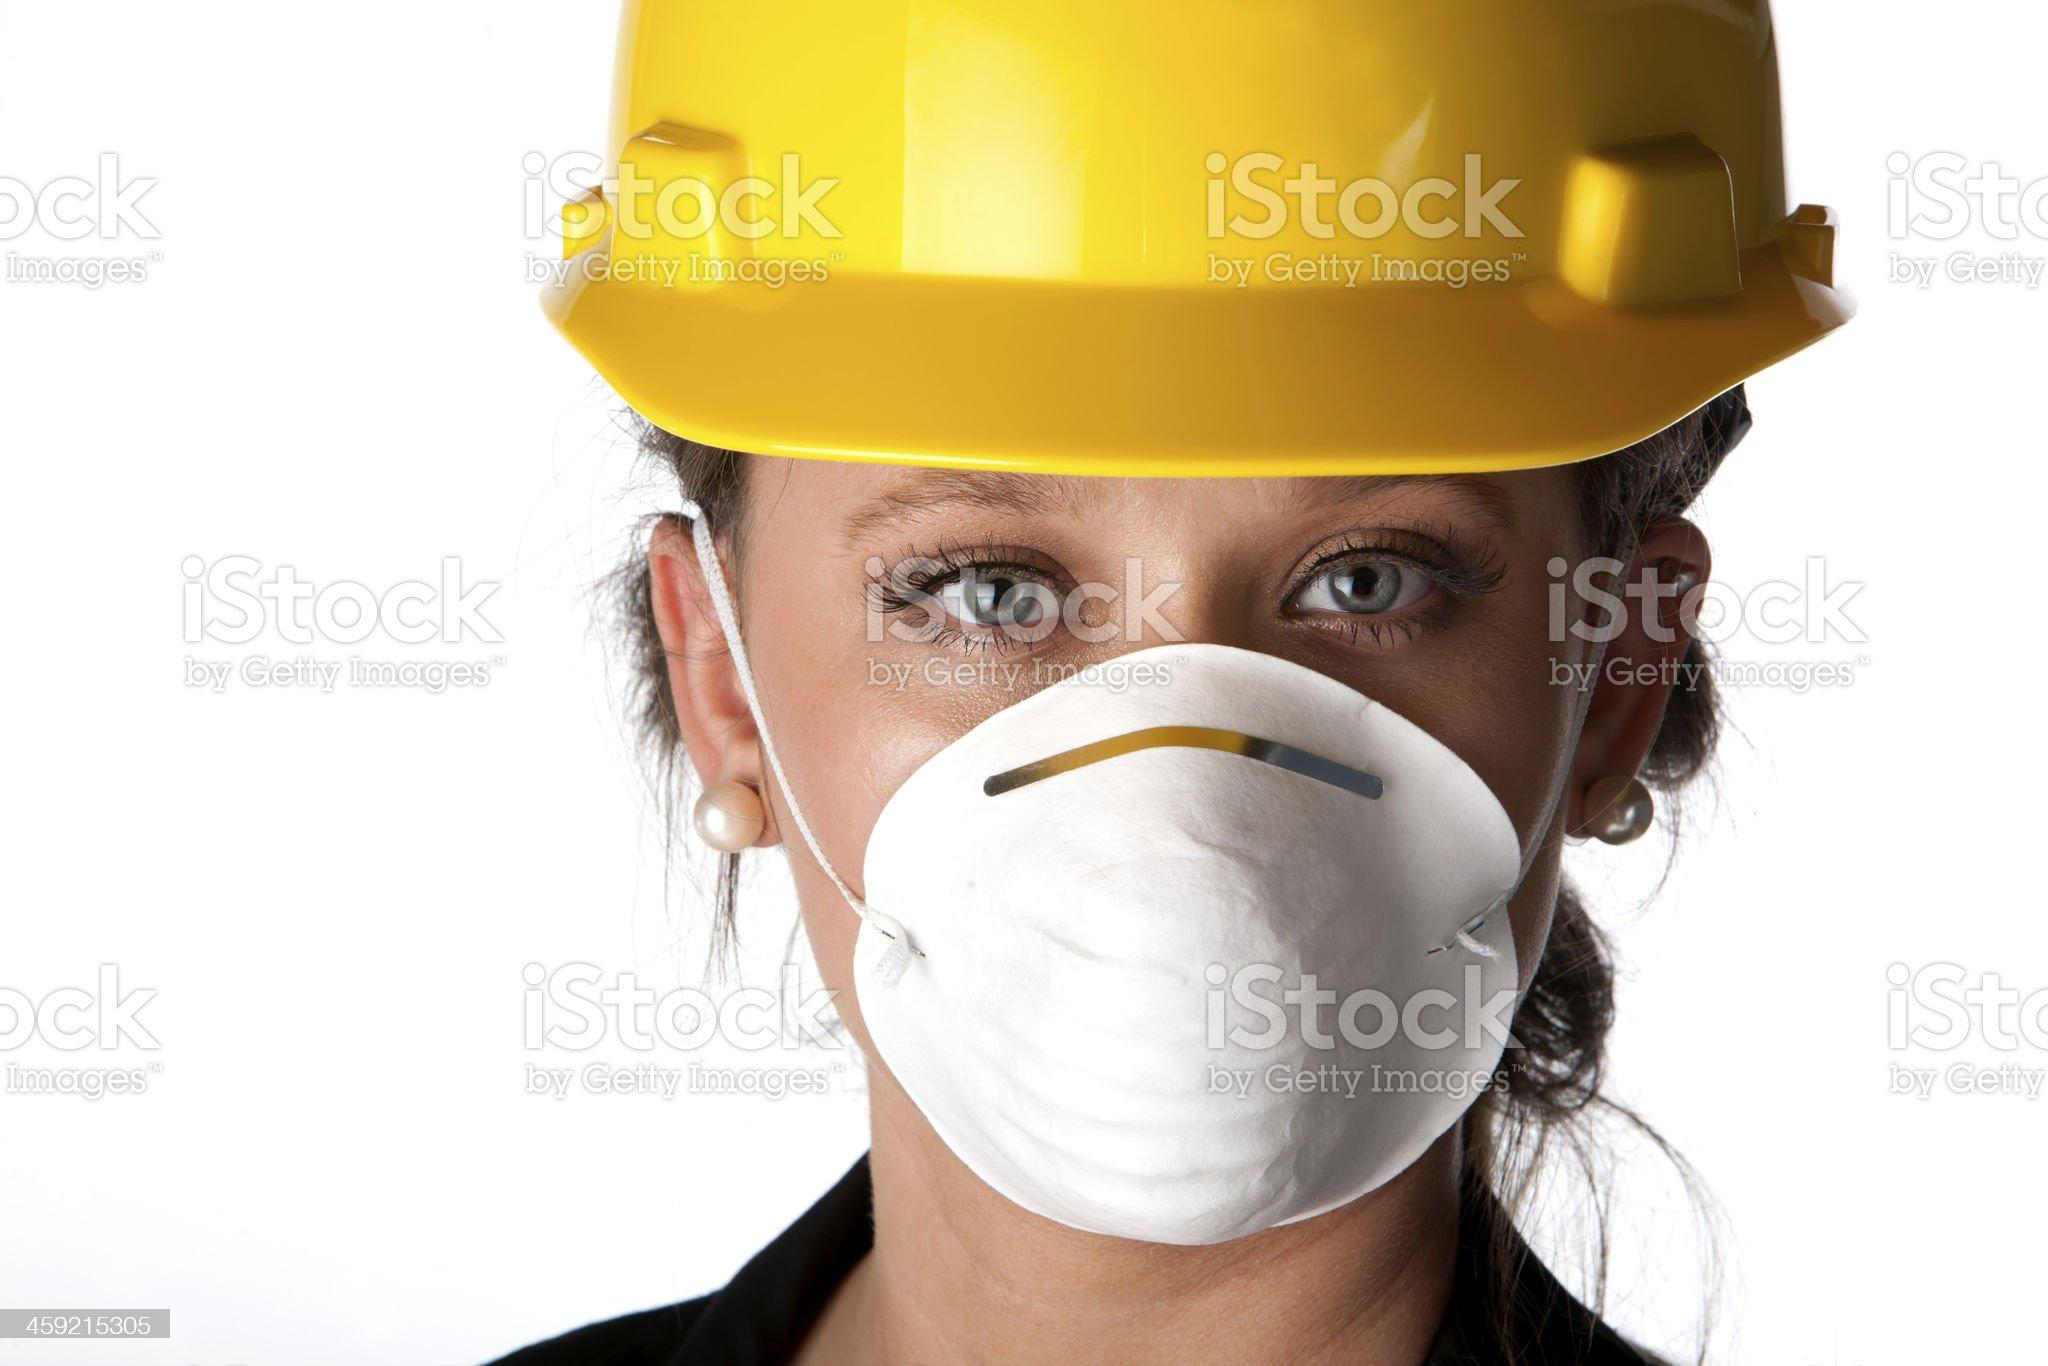 Female architect wearing mask royalty-free stock photo